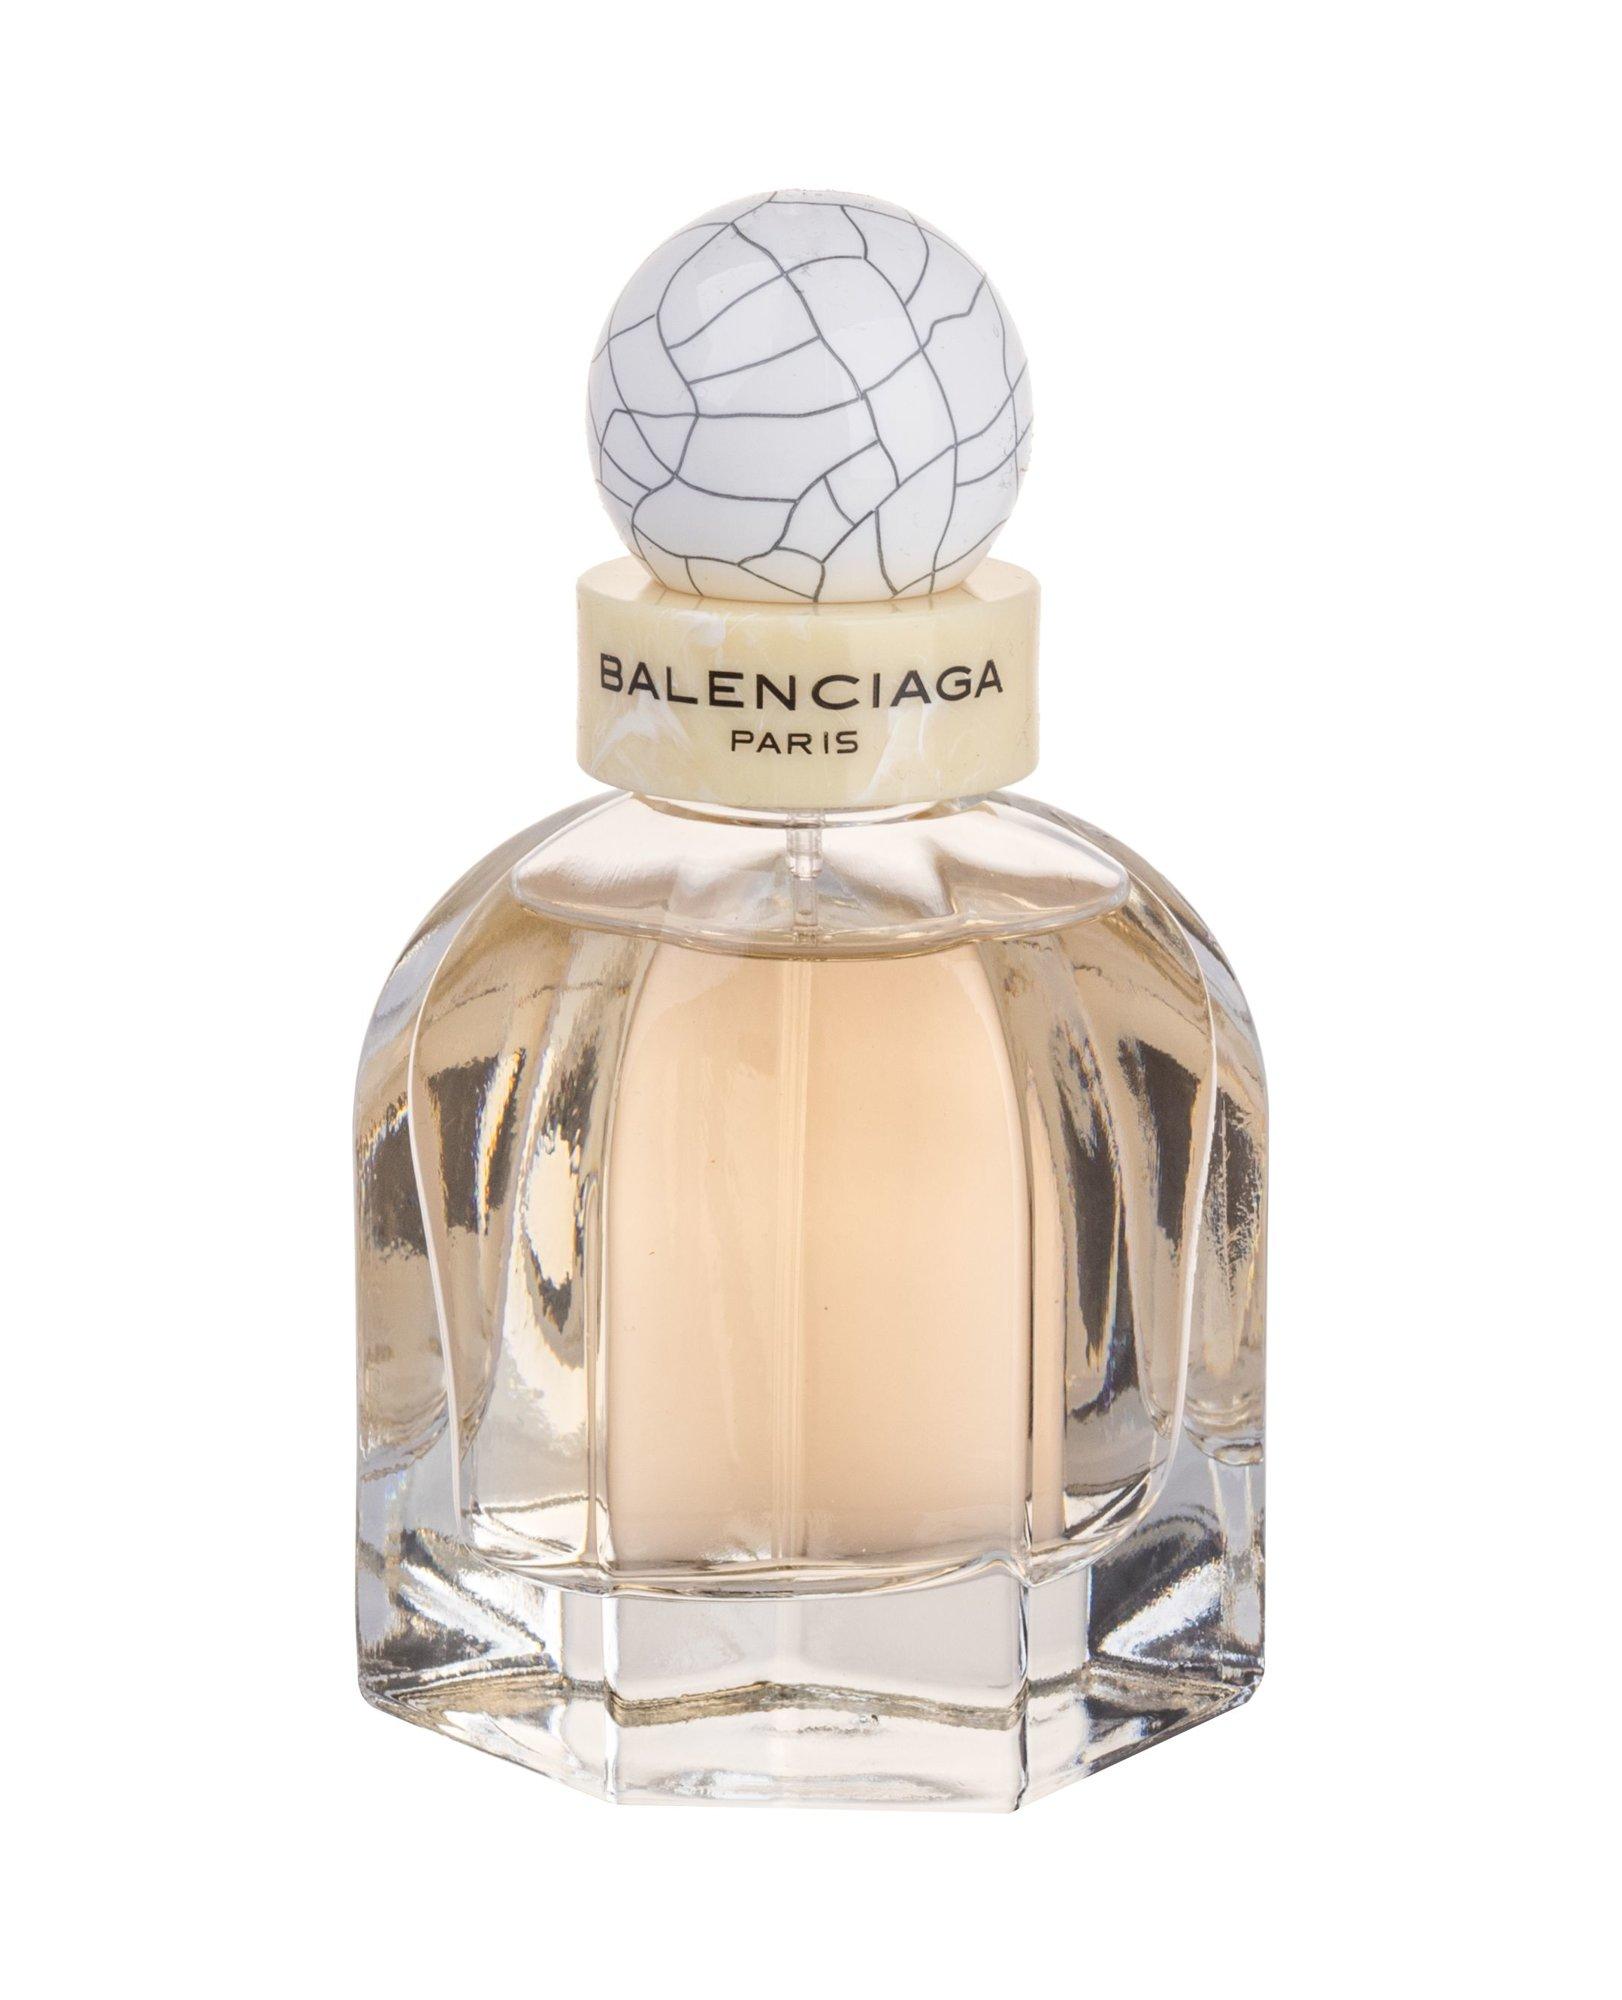 Balenciaga Balenciaga Paris Eau de Parfum 30ml